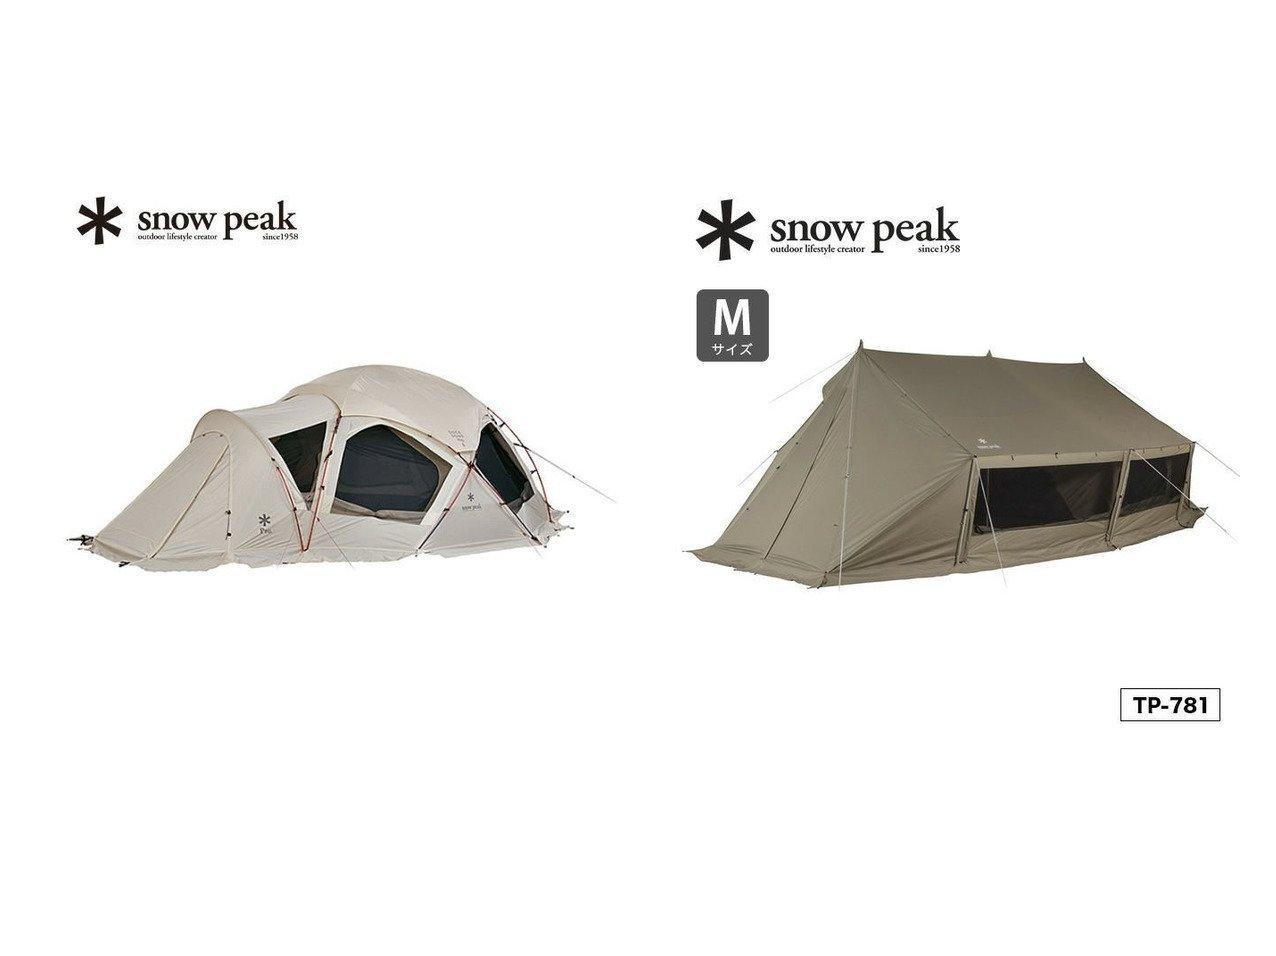 【Snow Peak/スノーピーク】のグランベルク M&Dock Dome Pro.6 Ivory ドックドーム Pro.6 アイボリー おすすめ!人気キャンプ・アウトドア用品の通販 おすすめで人気の流行・トレンド、ファッションの通販商品 インテリア・家具・メンズファッション・キッズファッション・レディースファッション・服の通販 founy(ファニー) https://founy.com/ インナー フレーム コーティング ボトム ループ ホーム・キャンプ・アウトドア Home,Garden,Outdoor,Camping Gear キャンプ用品・アウトドア  Camping Gear & Outdoor Supplies その他 雑貨 小物 Camping Tools  ID:crp329100000047686